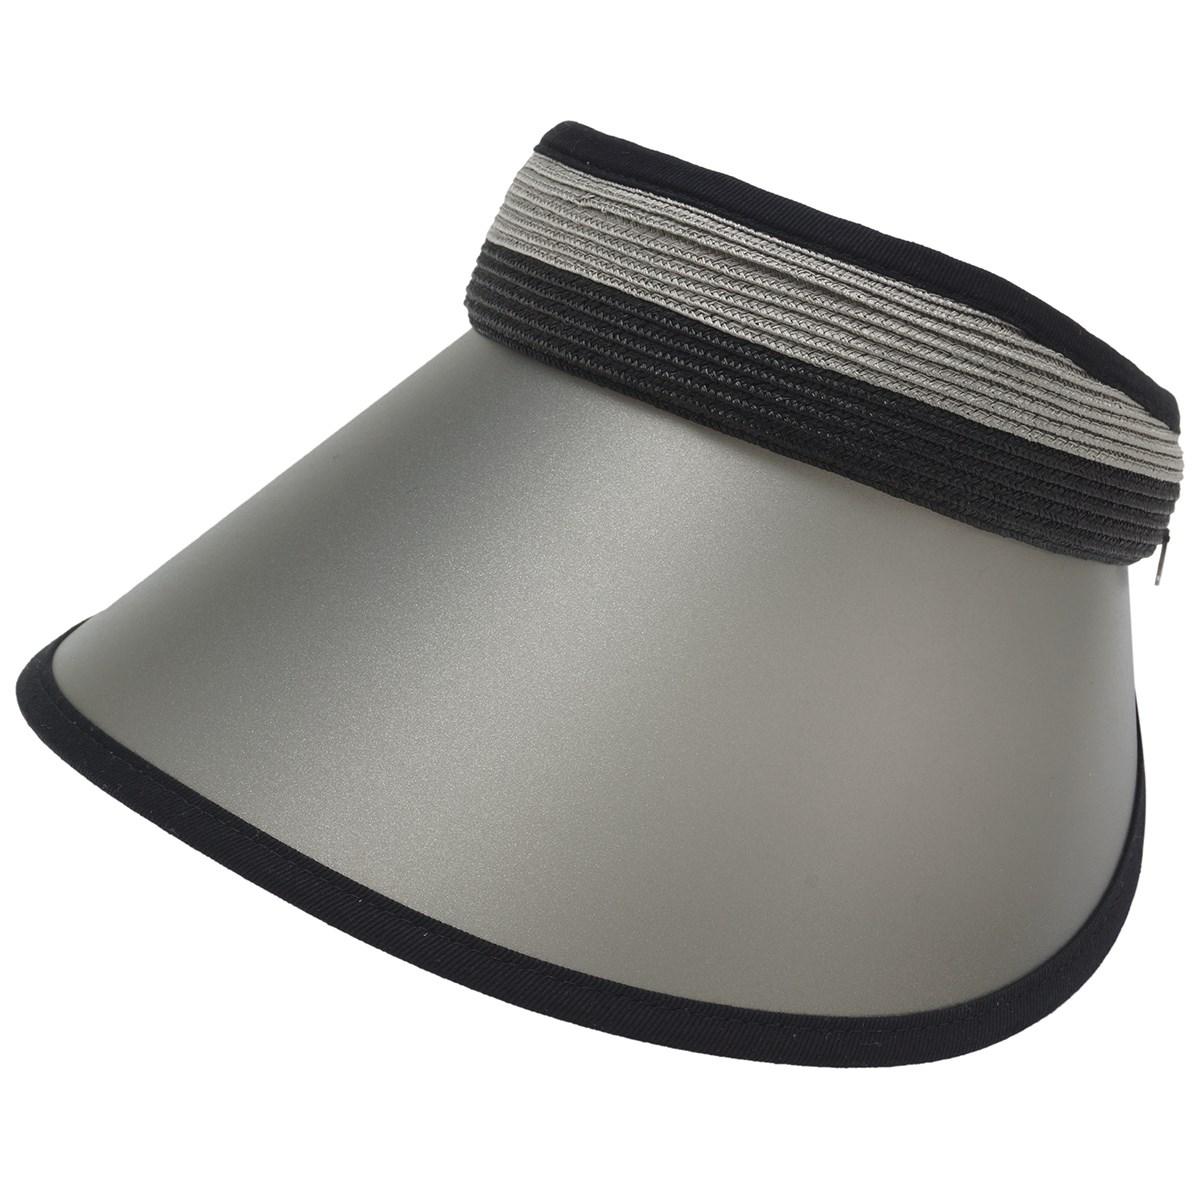 マンシングウェア Munsingwear セルツバサンバイザー フリー ブラック 00 レディス